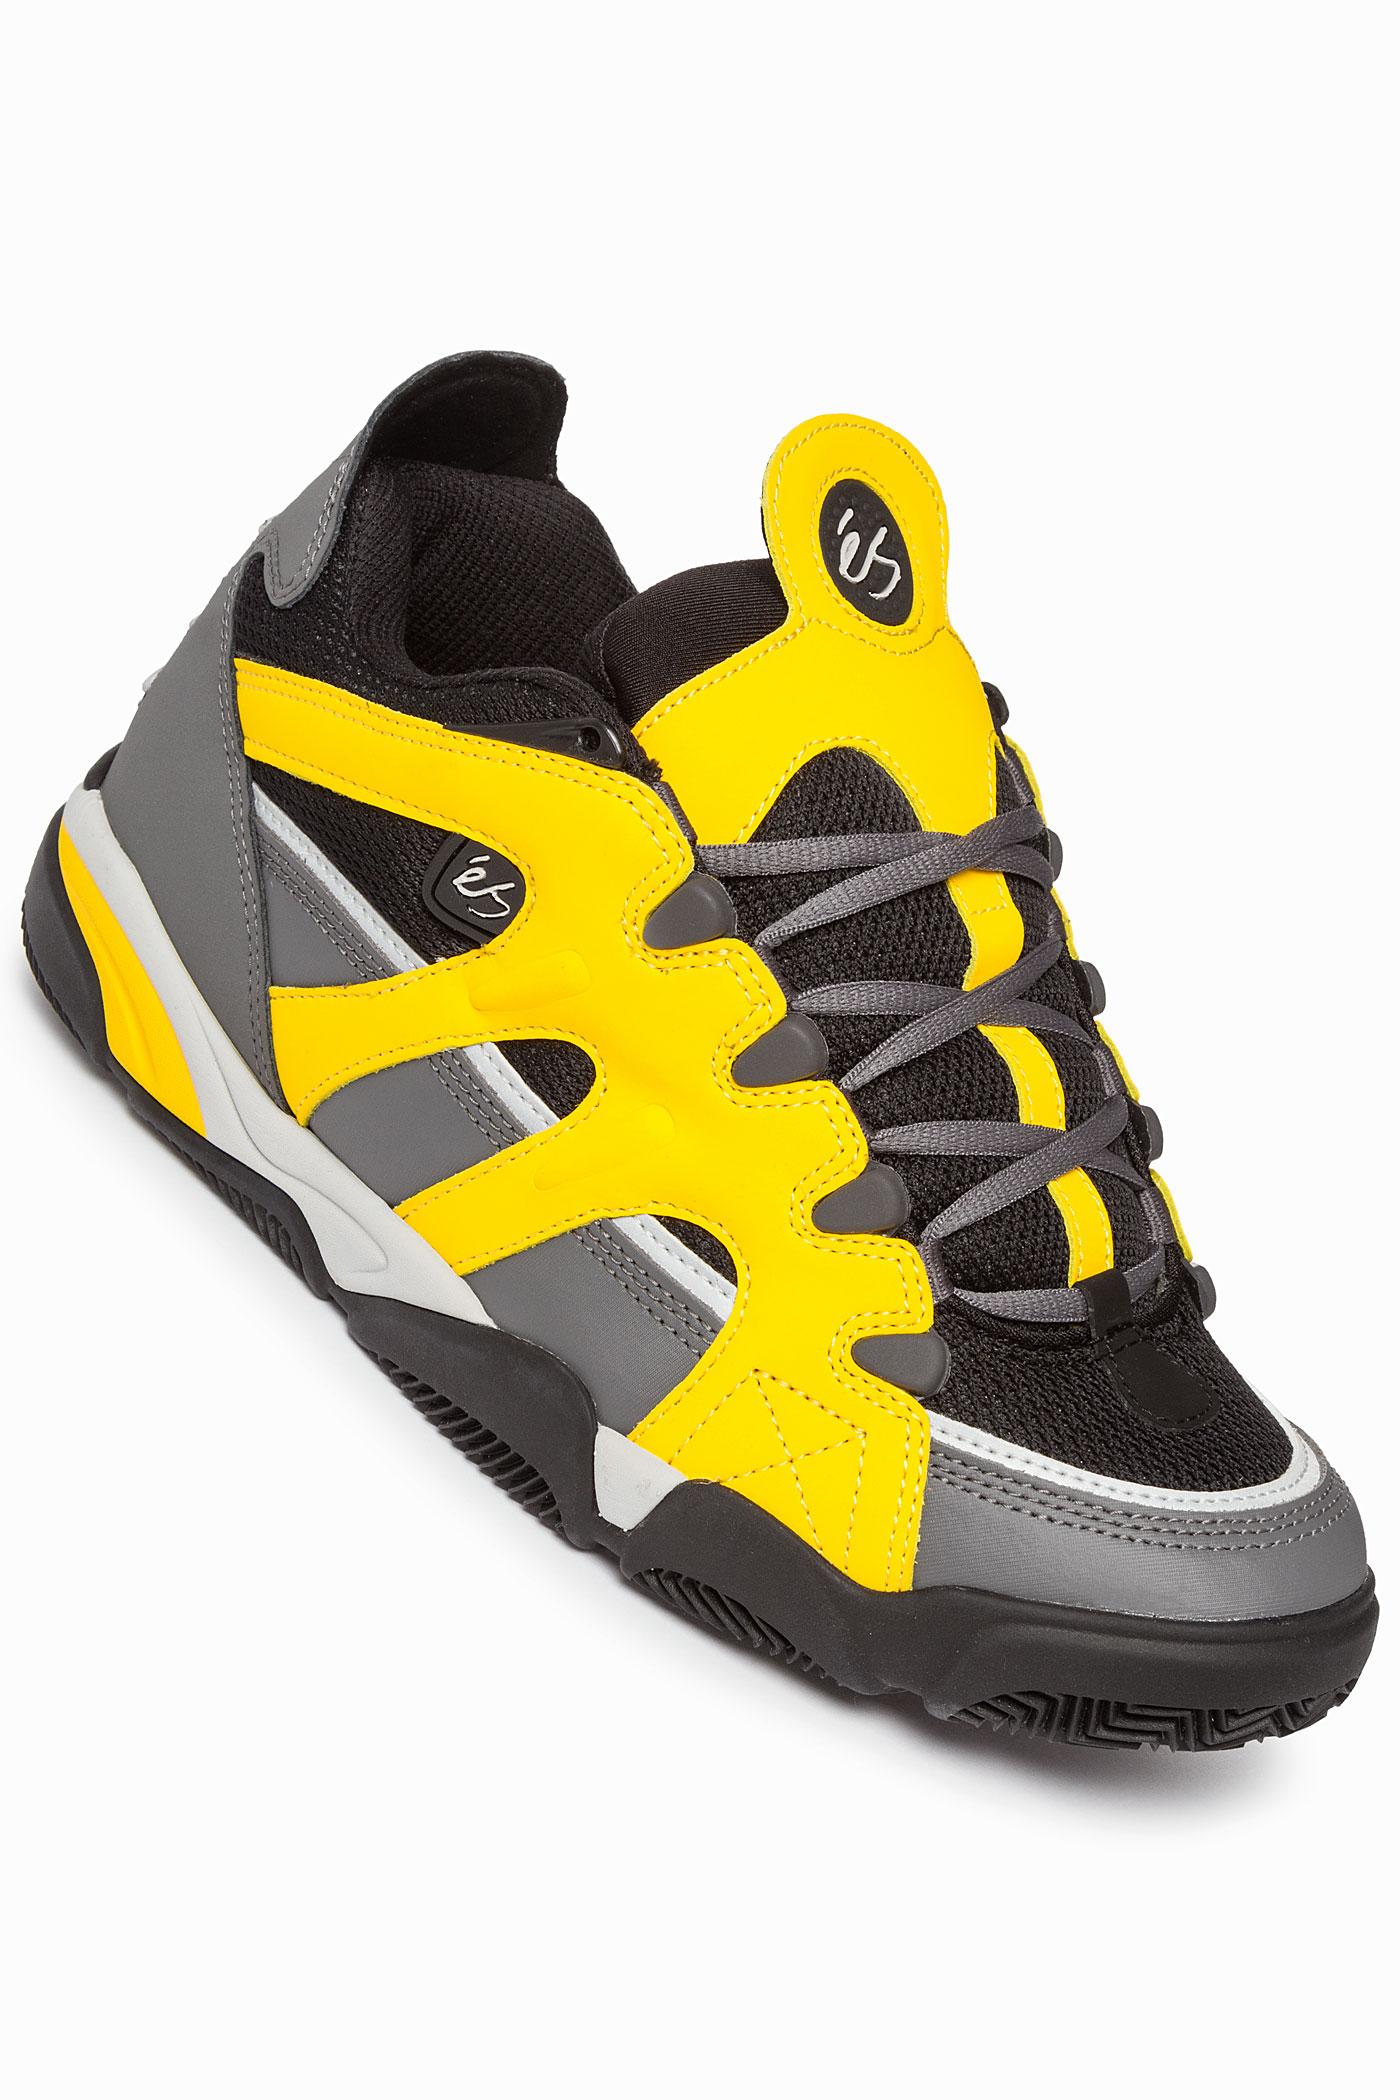 És Yellow Scheme Black Chaussuregrey És Scheme Chaussuregrey Scheme Yellow Black És SUzqMpV